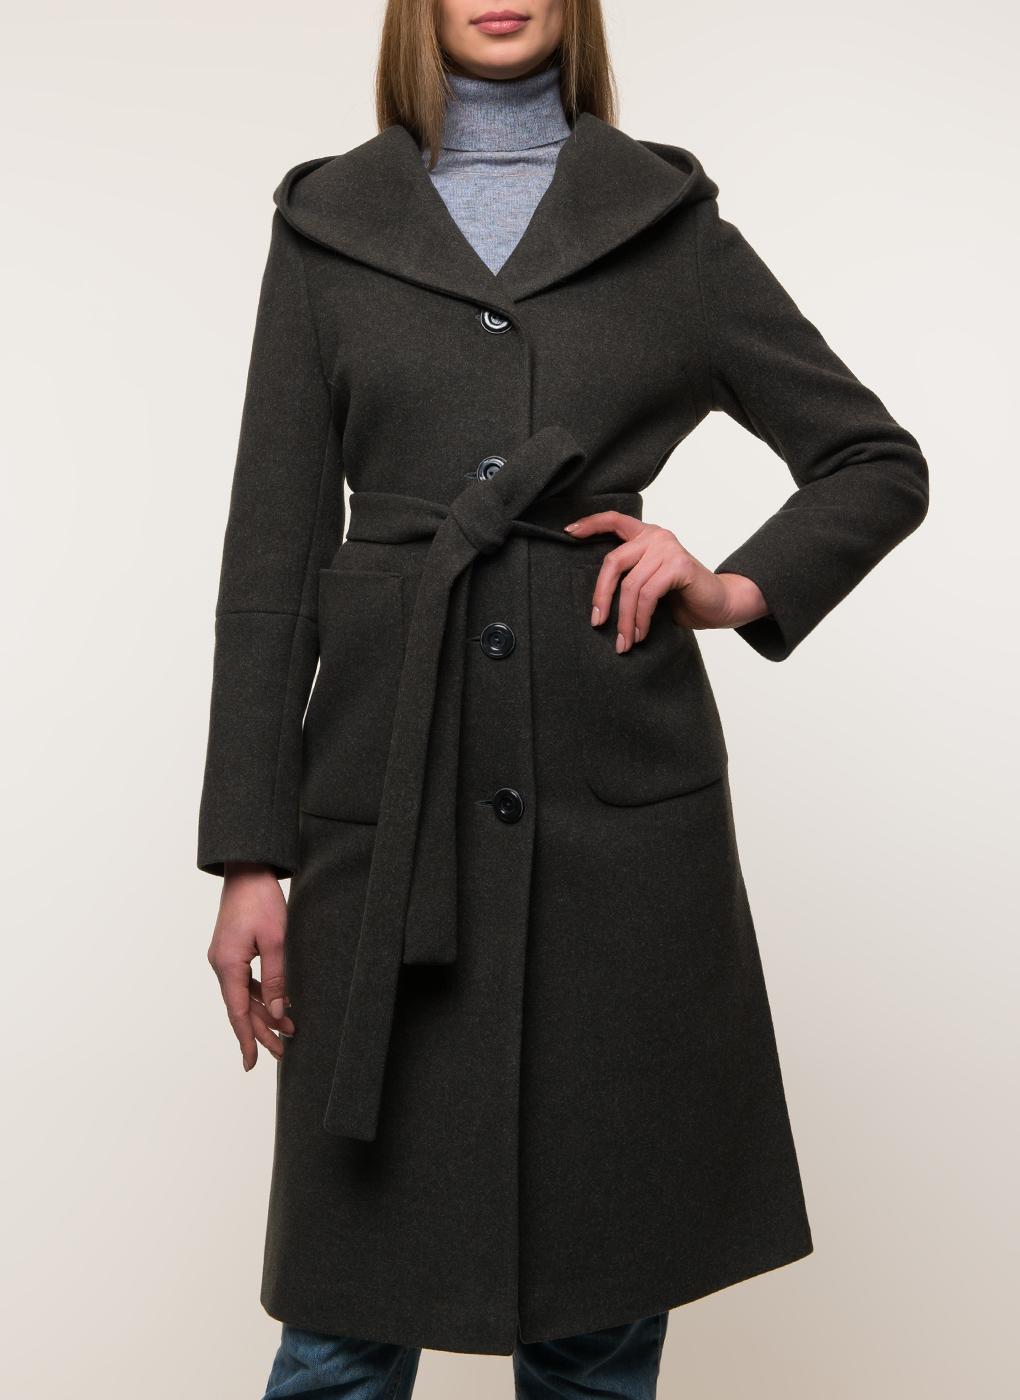 Пальто полушерстяное 68, Crosario фото